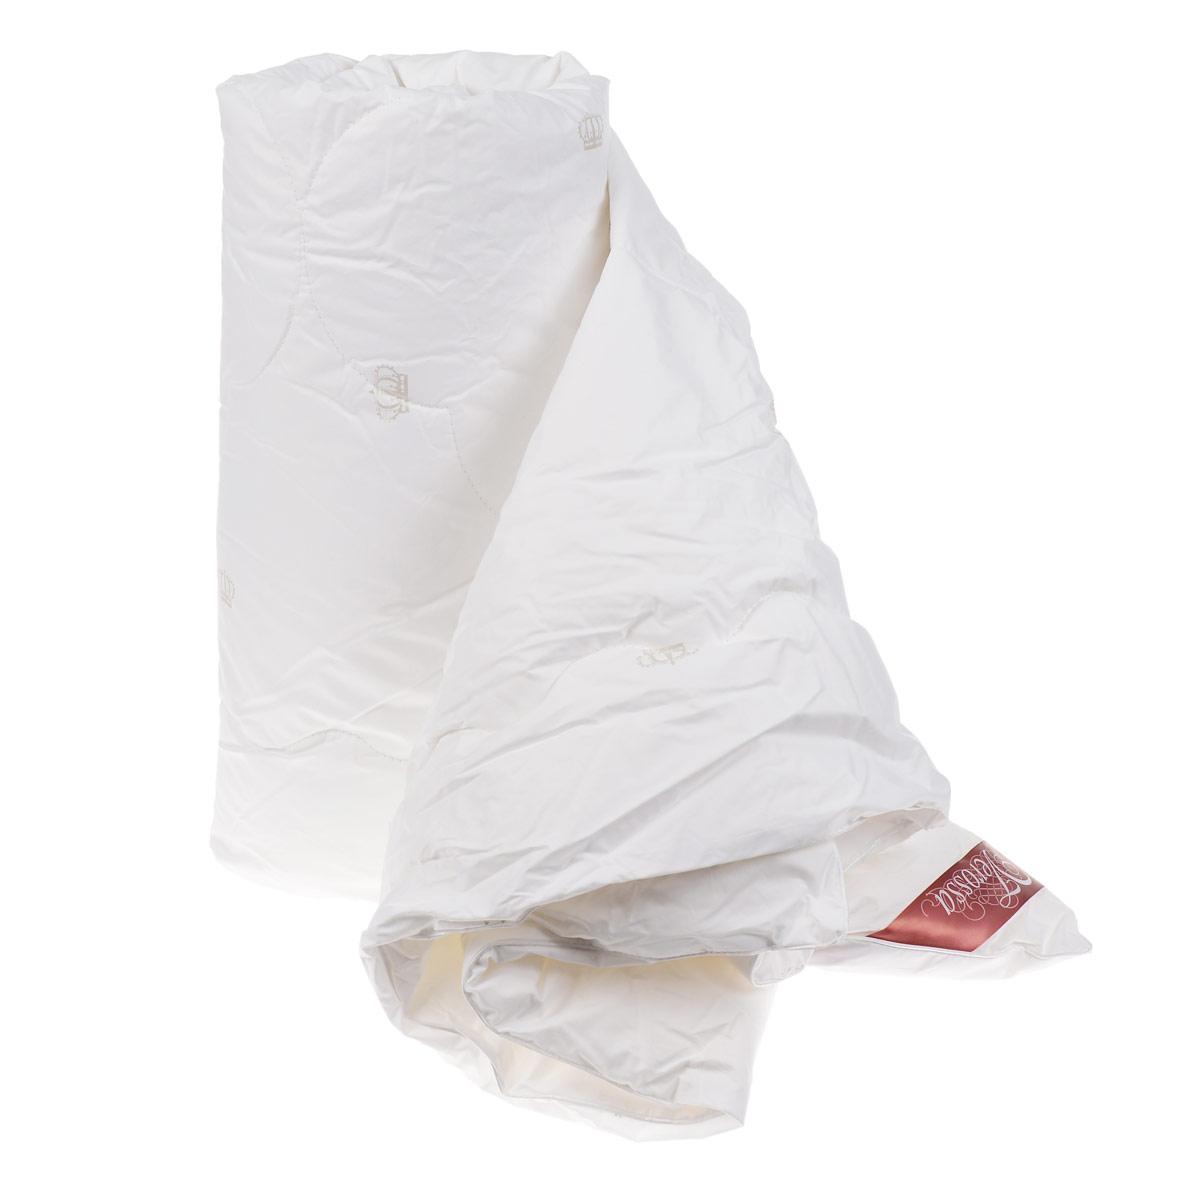 """Одеяло """"Verossa"""", наполнитель: лебяжий пух, цвет: белый, 200 см х 220 см 157824"""